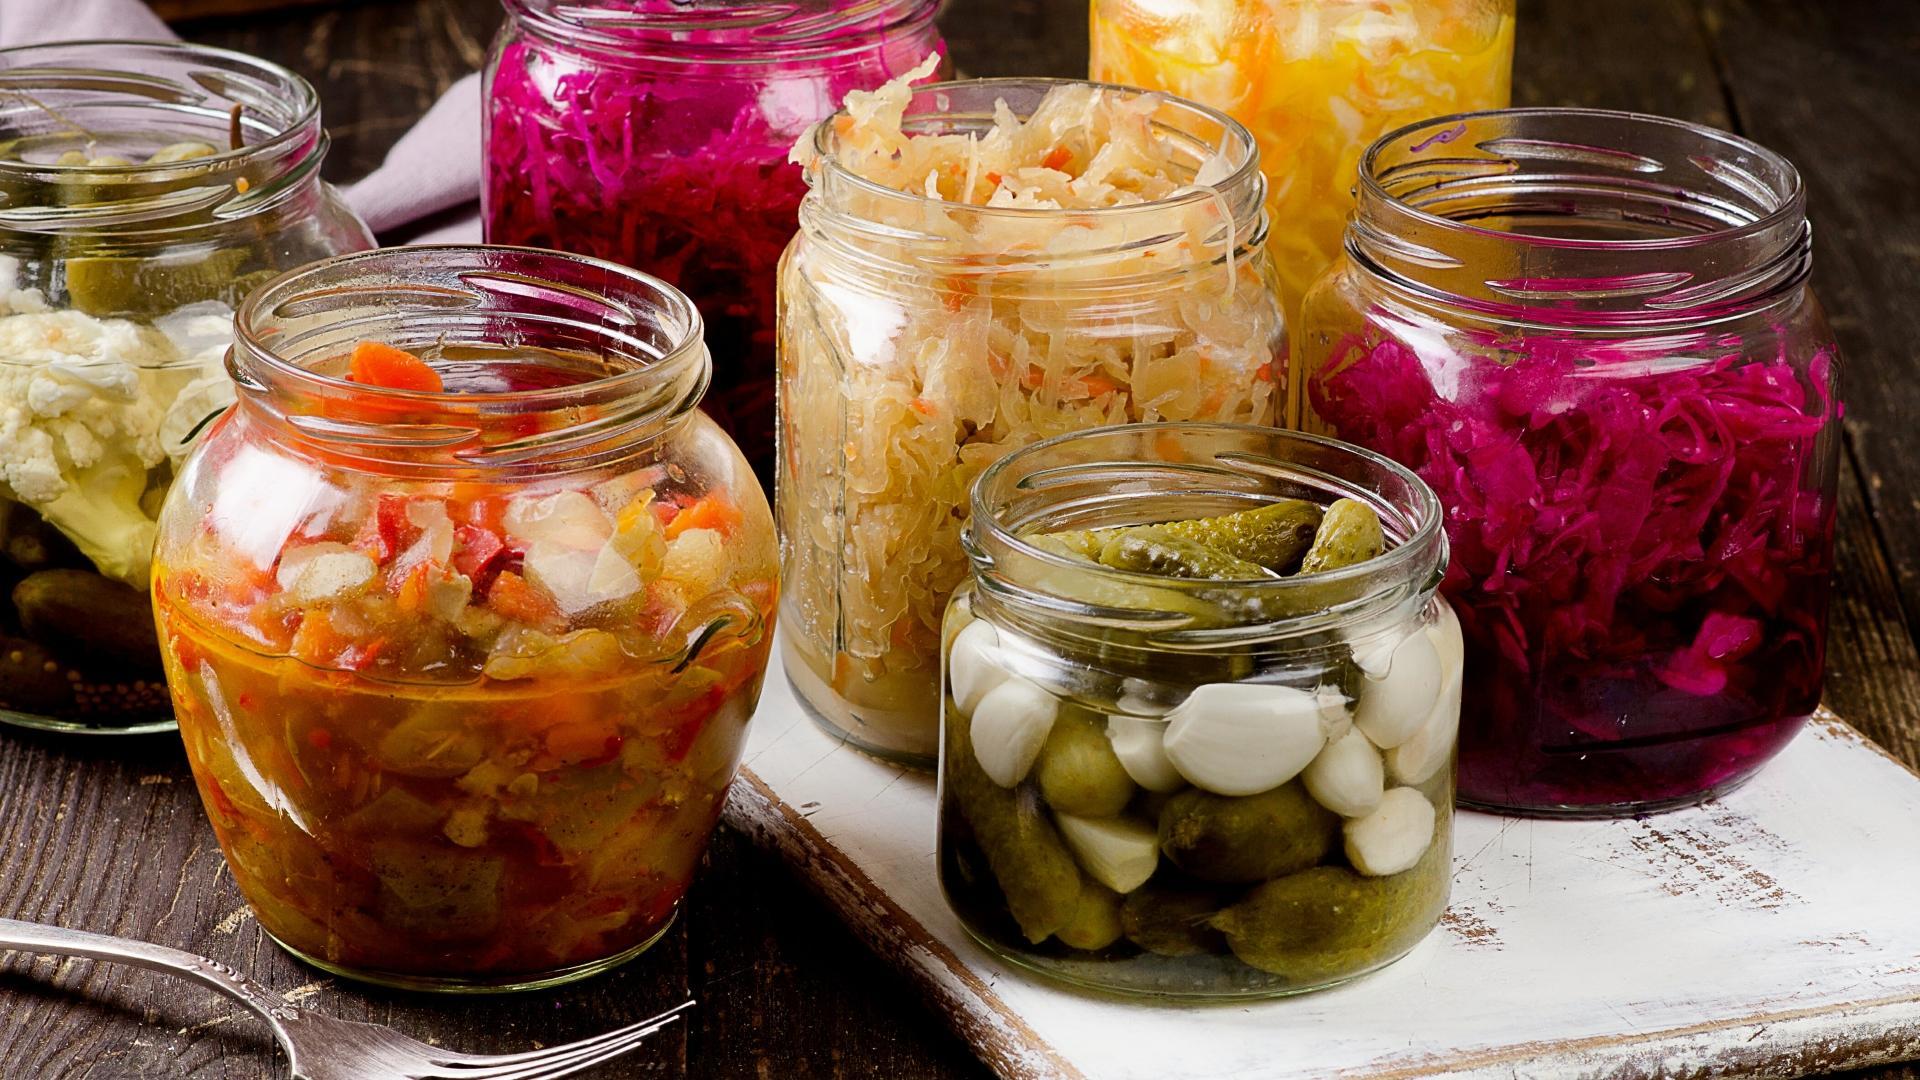 Чем могут быть опасны ферментированные продукты